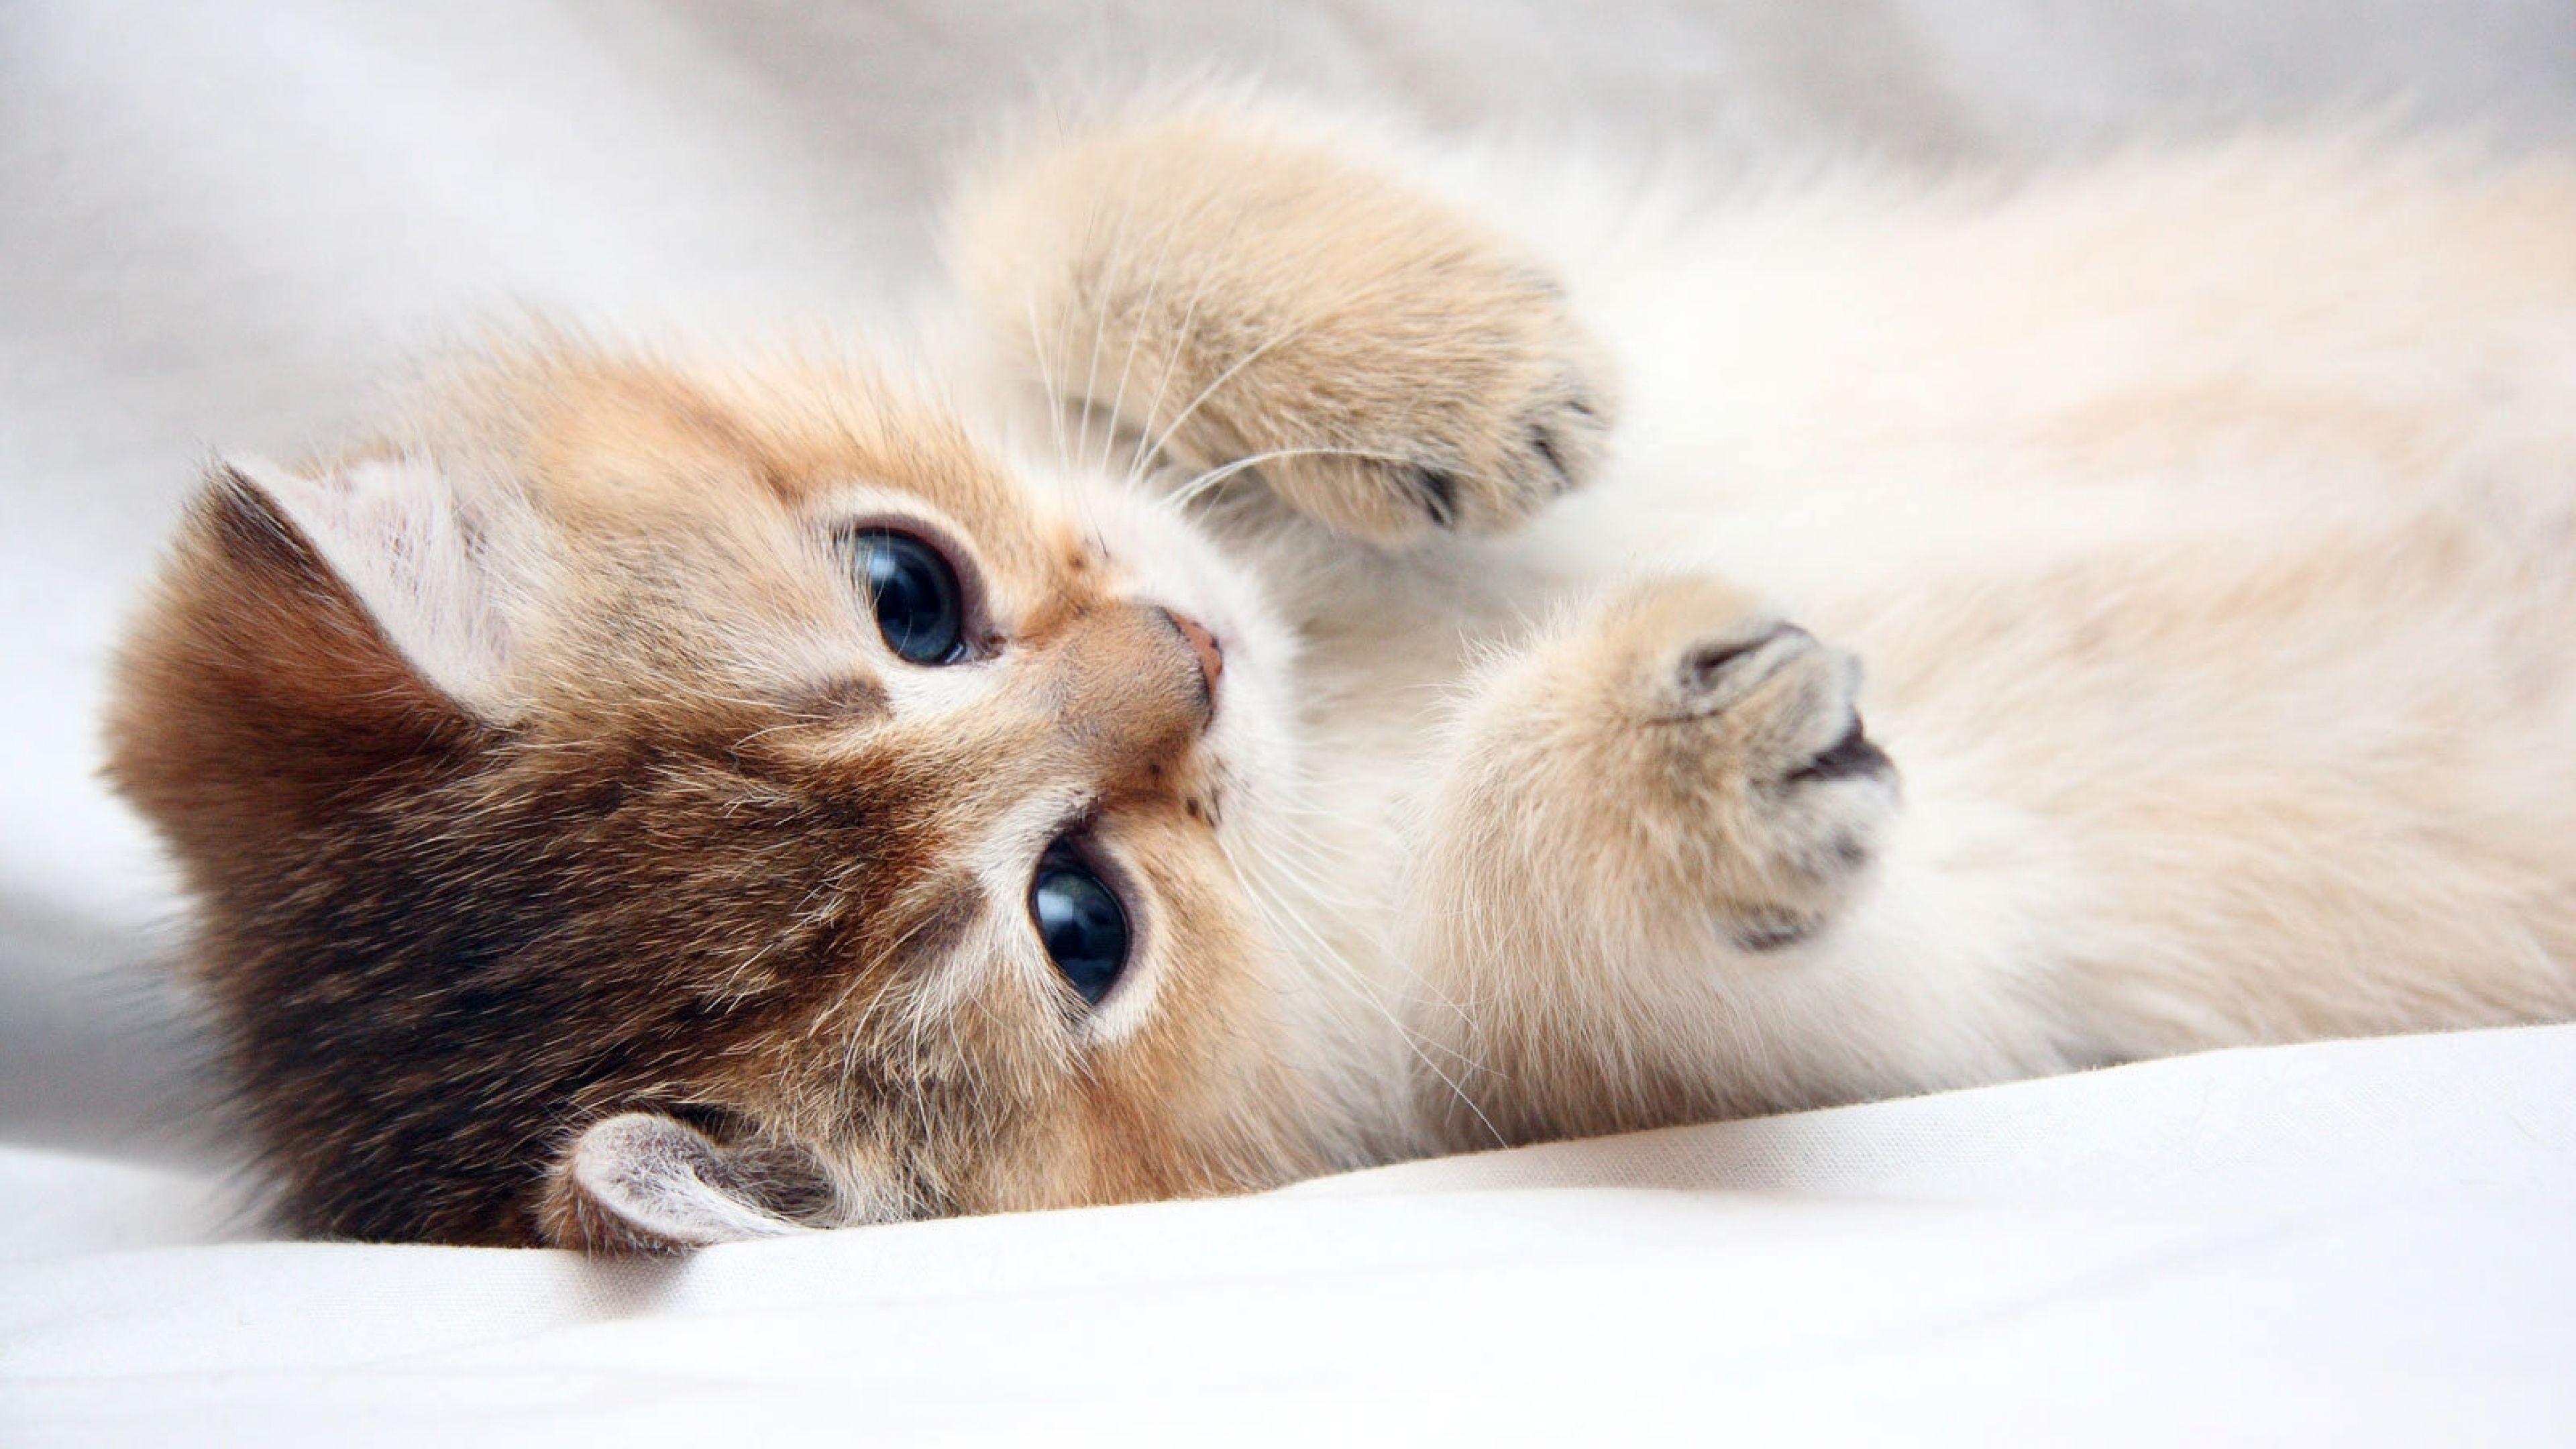 Cute Kittens 4k Wallpapers 3840x2160